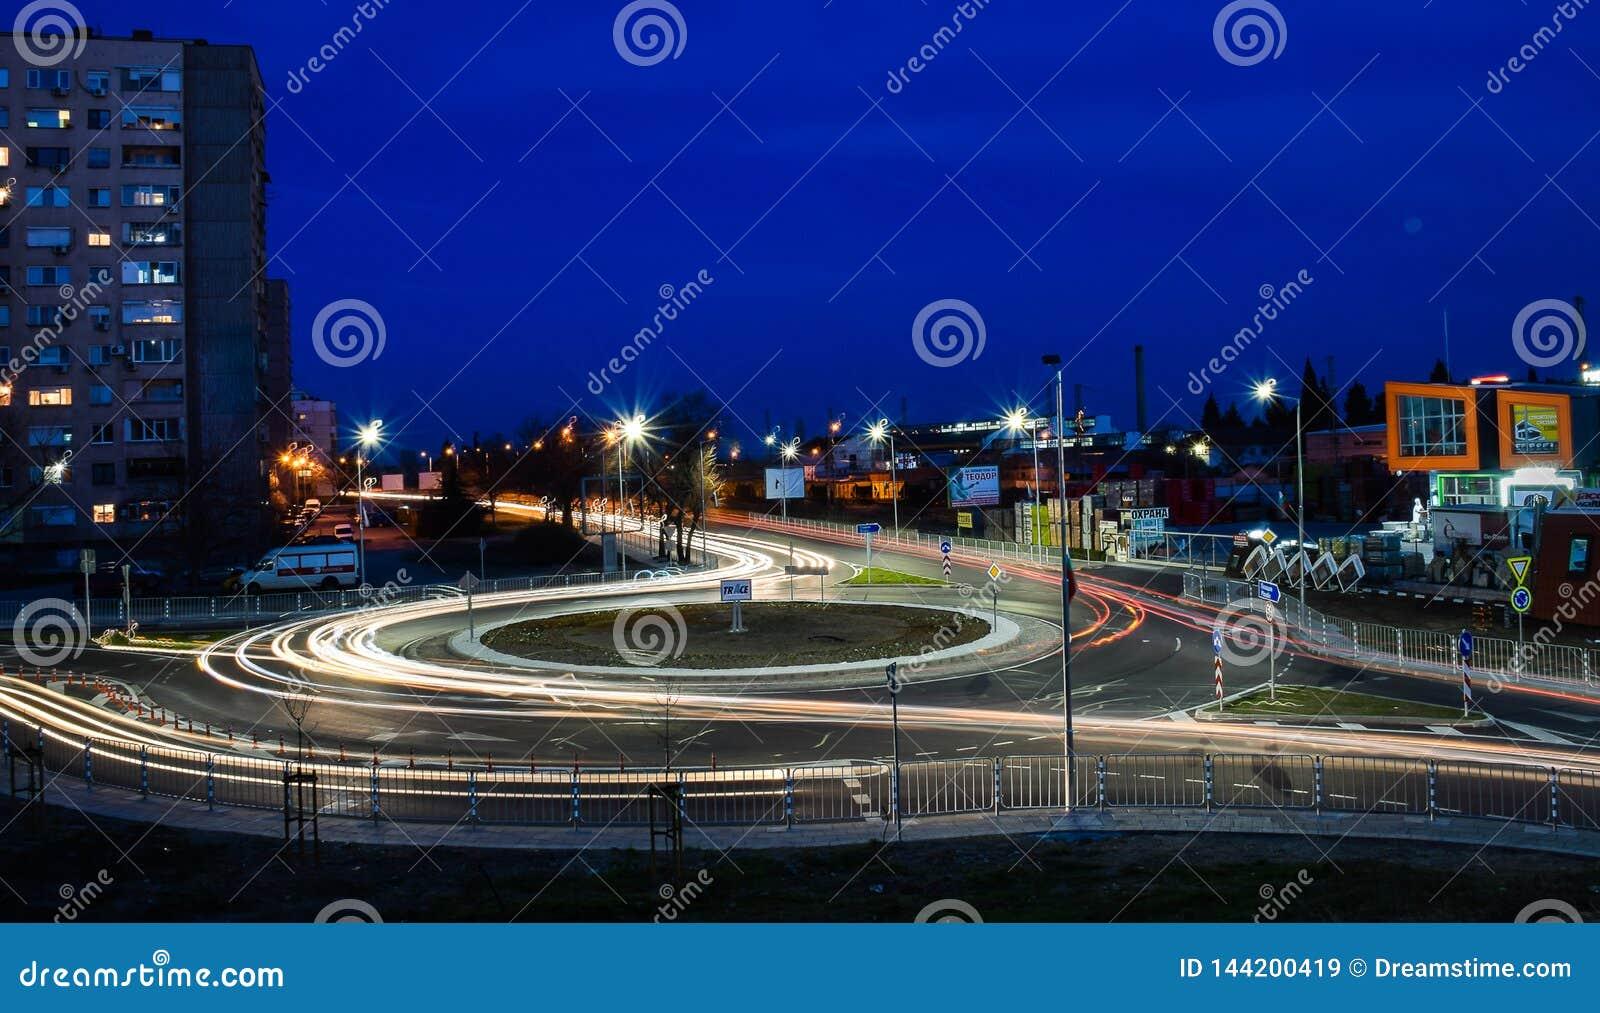 Stara Zagora, Bulgarije, Ð  nieuwe spiraalvormige beweging, 18:30pm, Nachtlandschap